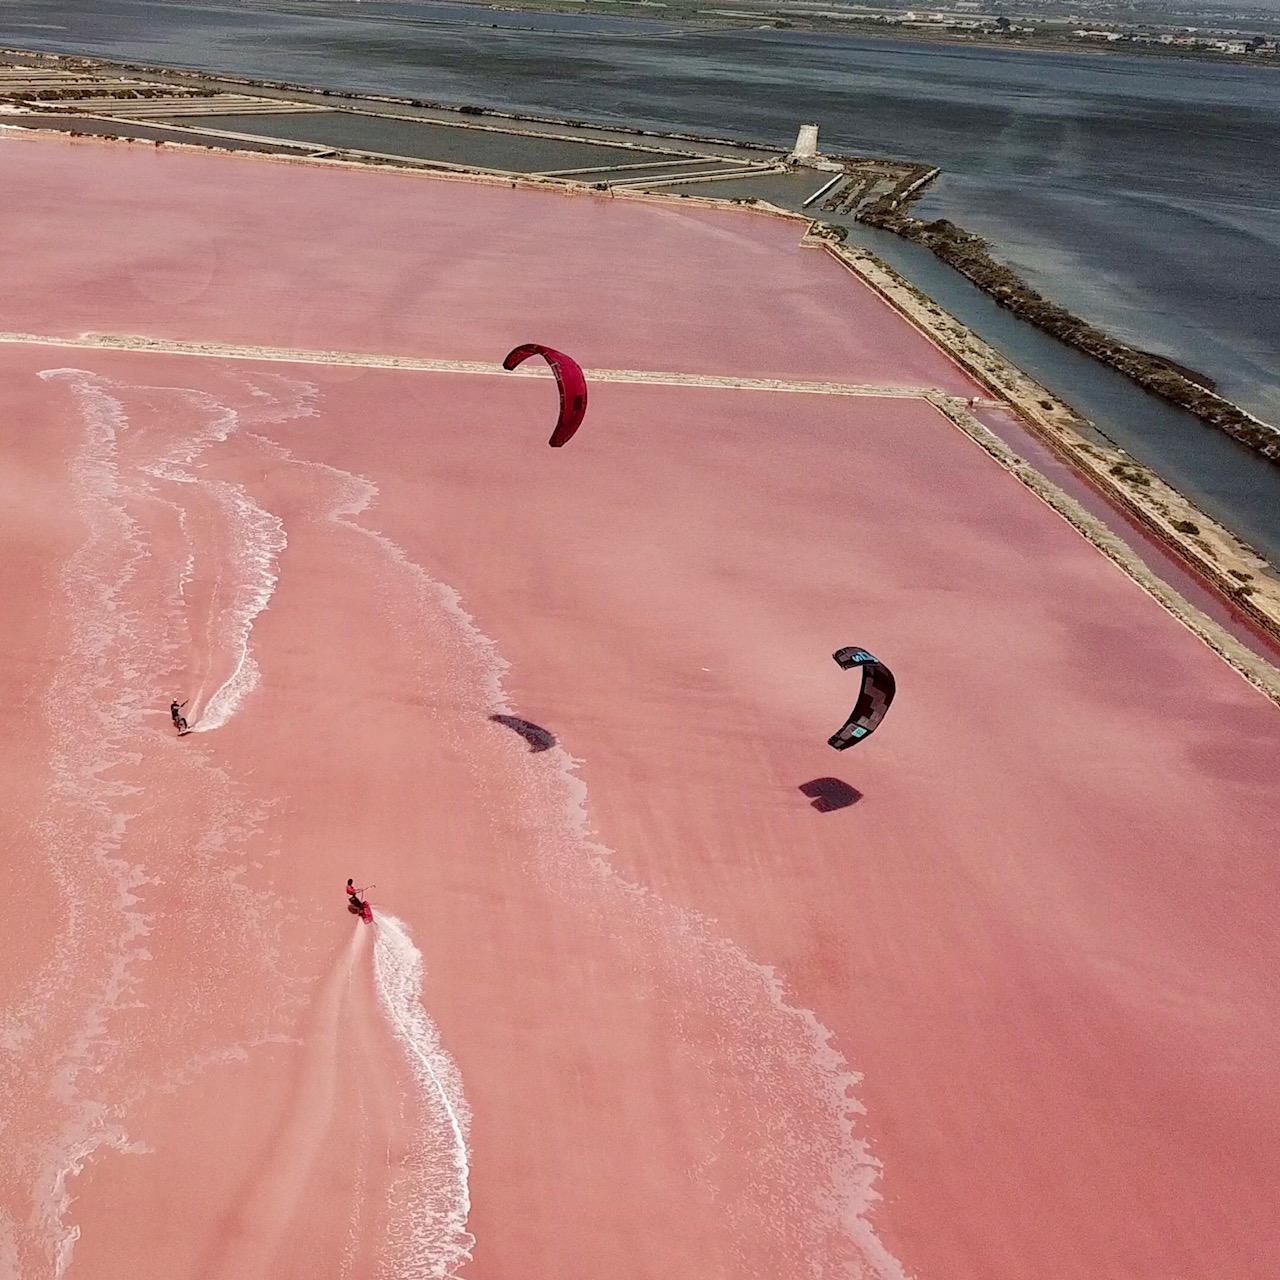 kitesurfing we włoszech, kitesurfing włochy, lostagnone kite